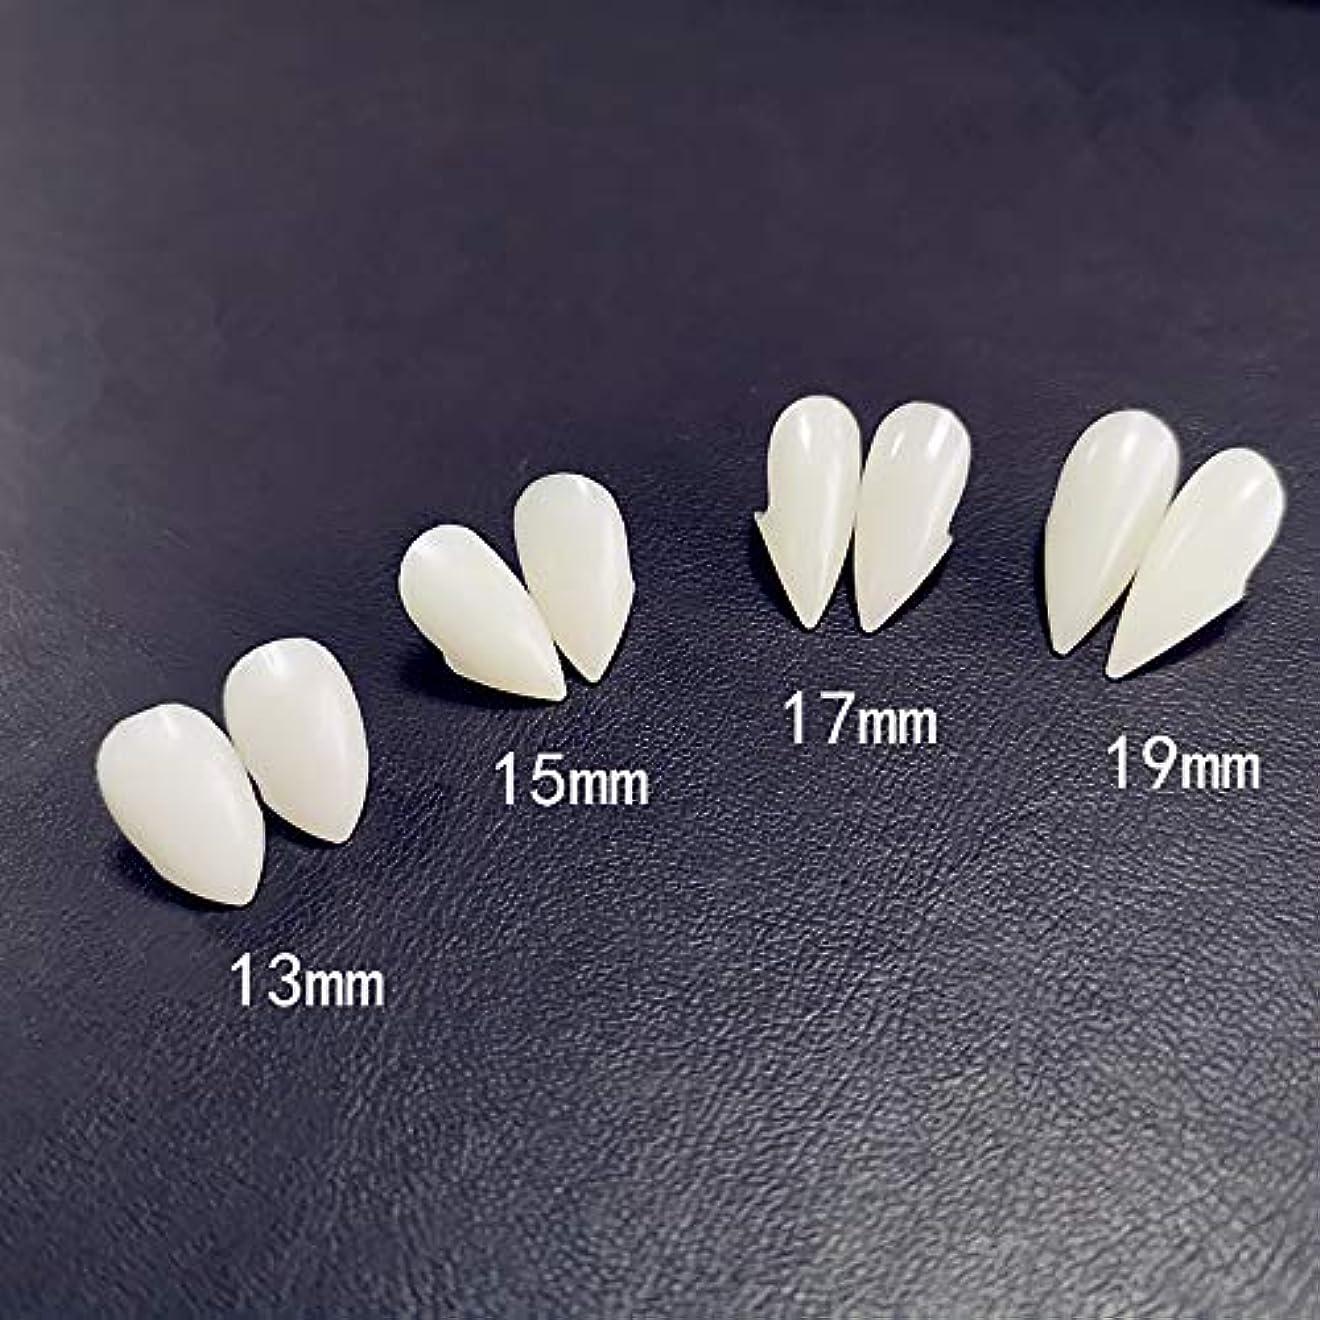 速報超える祝福4サイズ義歯歯牙牙義歯小道具ハロウィンコスチューム小道具パーティーの好意休日diy装飾ホラー大人のための子供-6ペア,19mm